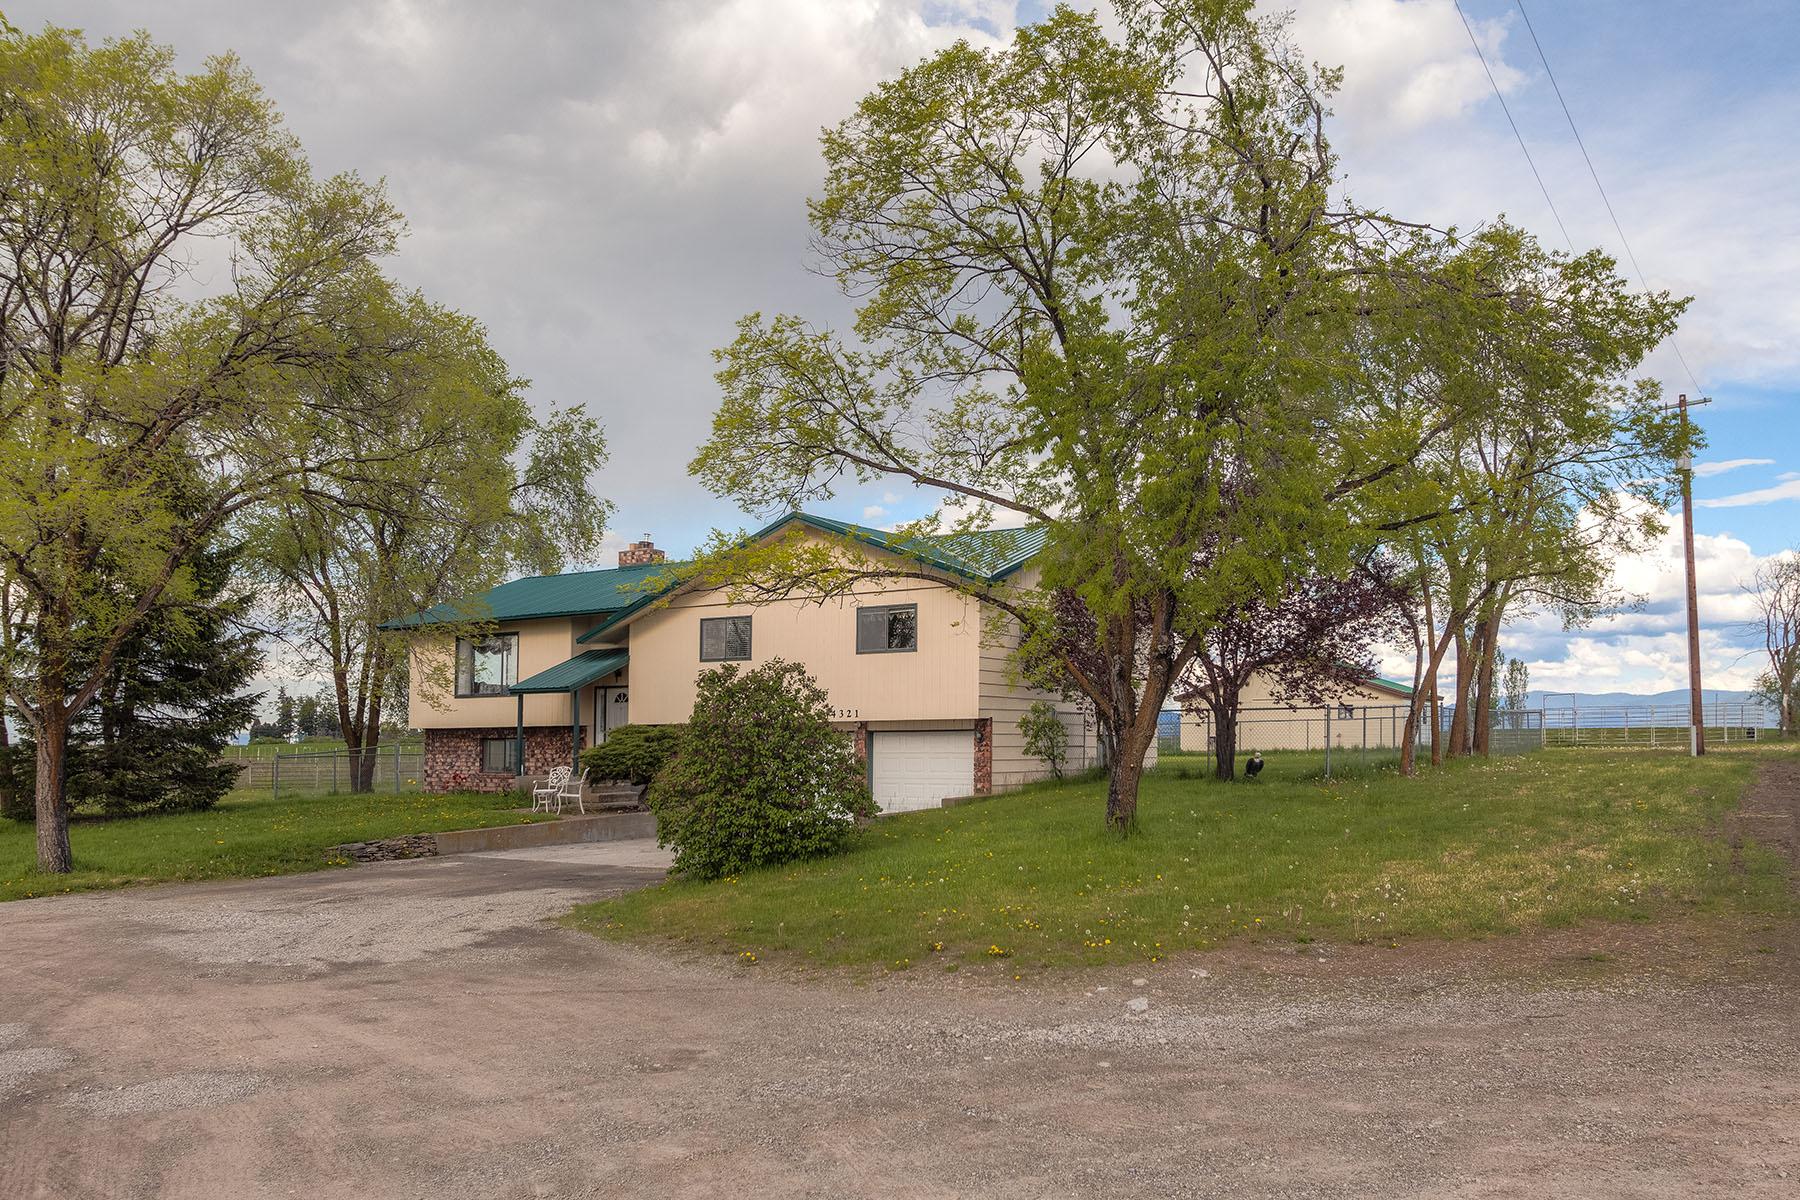 Maison unifamiliale pour l Vente à 2786sqft home with big prairie views 4321 E Hope Ave Post Falls, Idaho, 83854 États-Unis